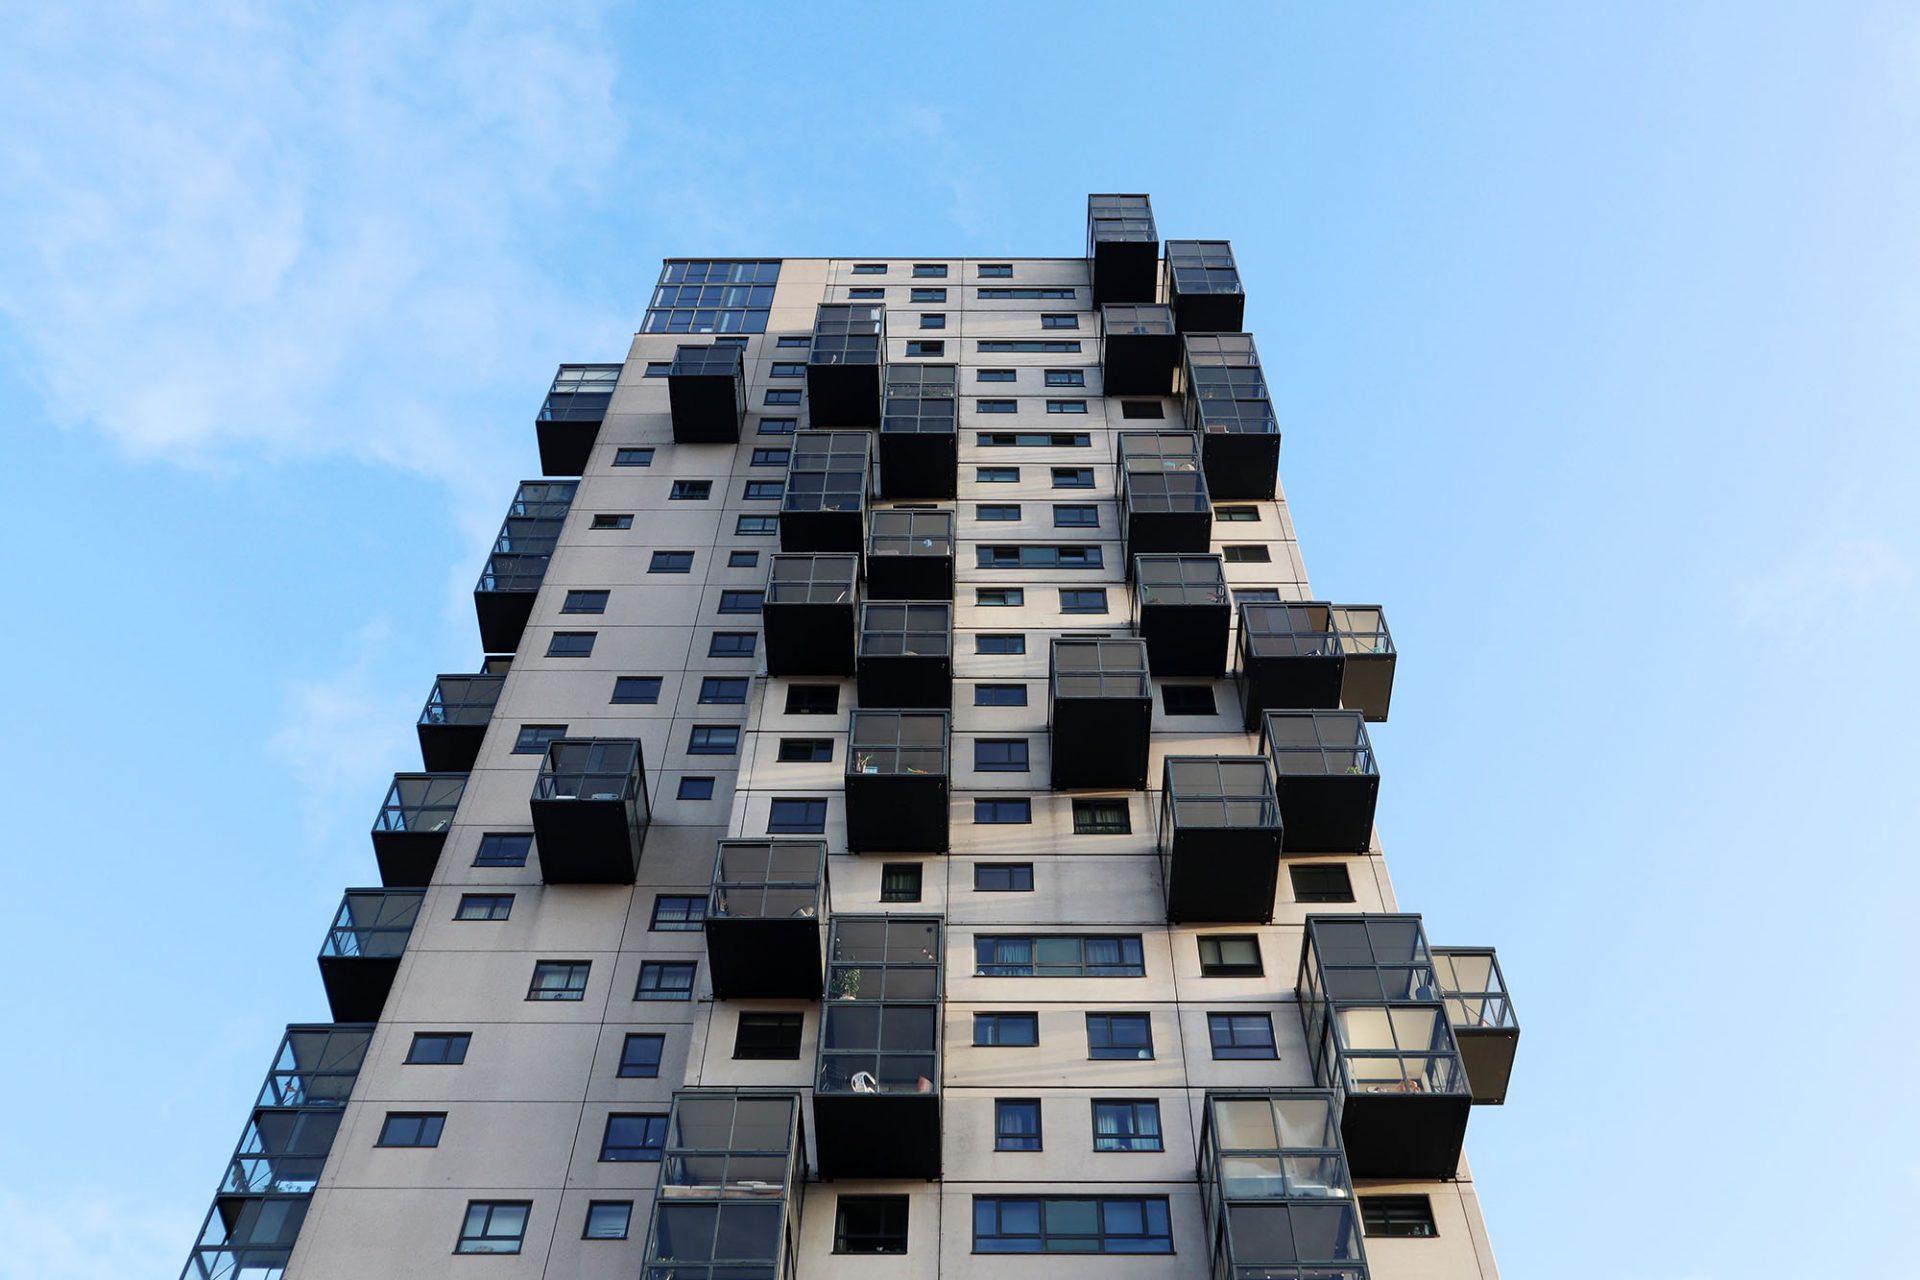 """De Stadsheer. """"Vogelkookies"""" nennen die Tilburger die Sonnenräume, die asymmetrisch vor der Fassade hängen."""